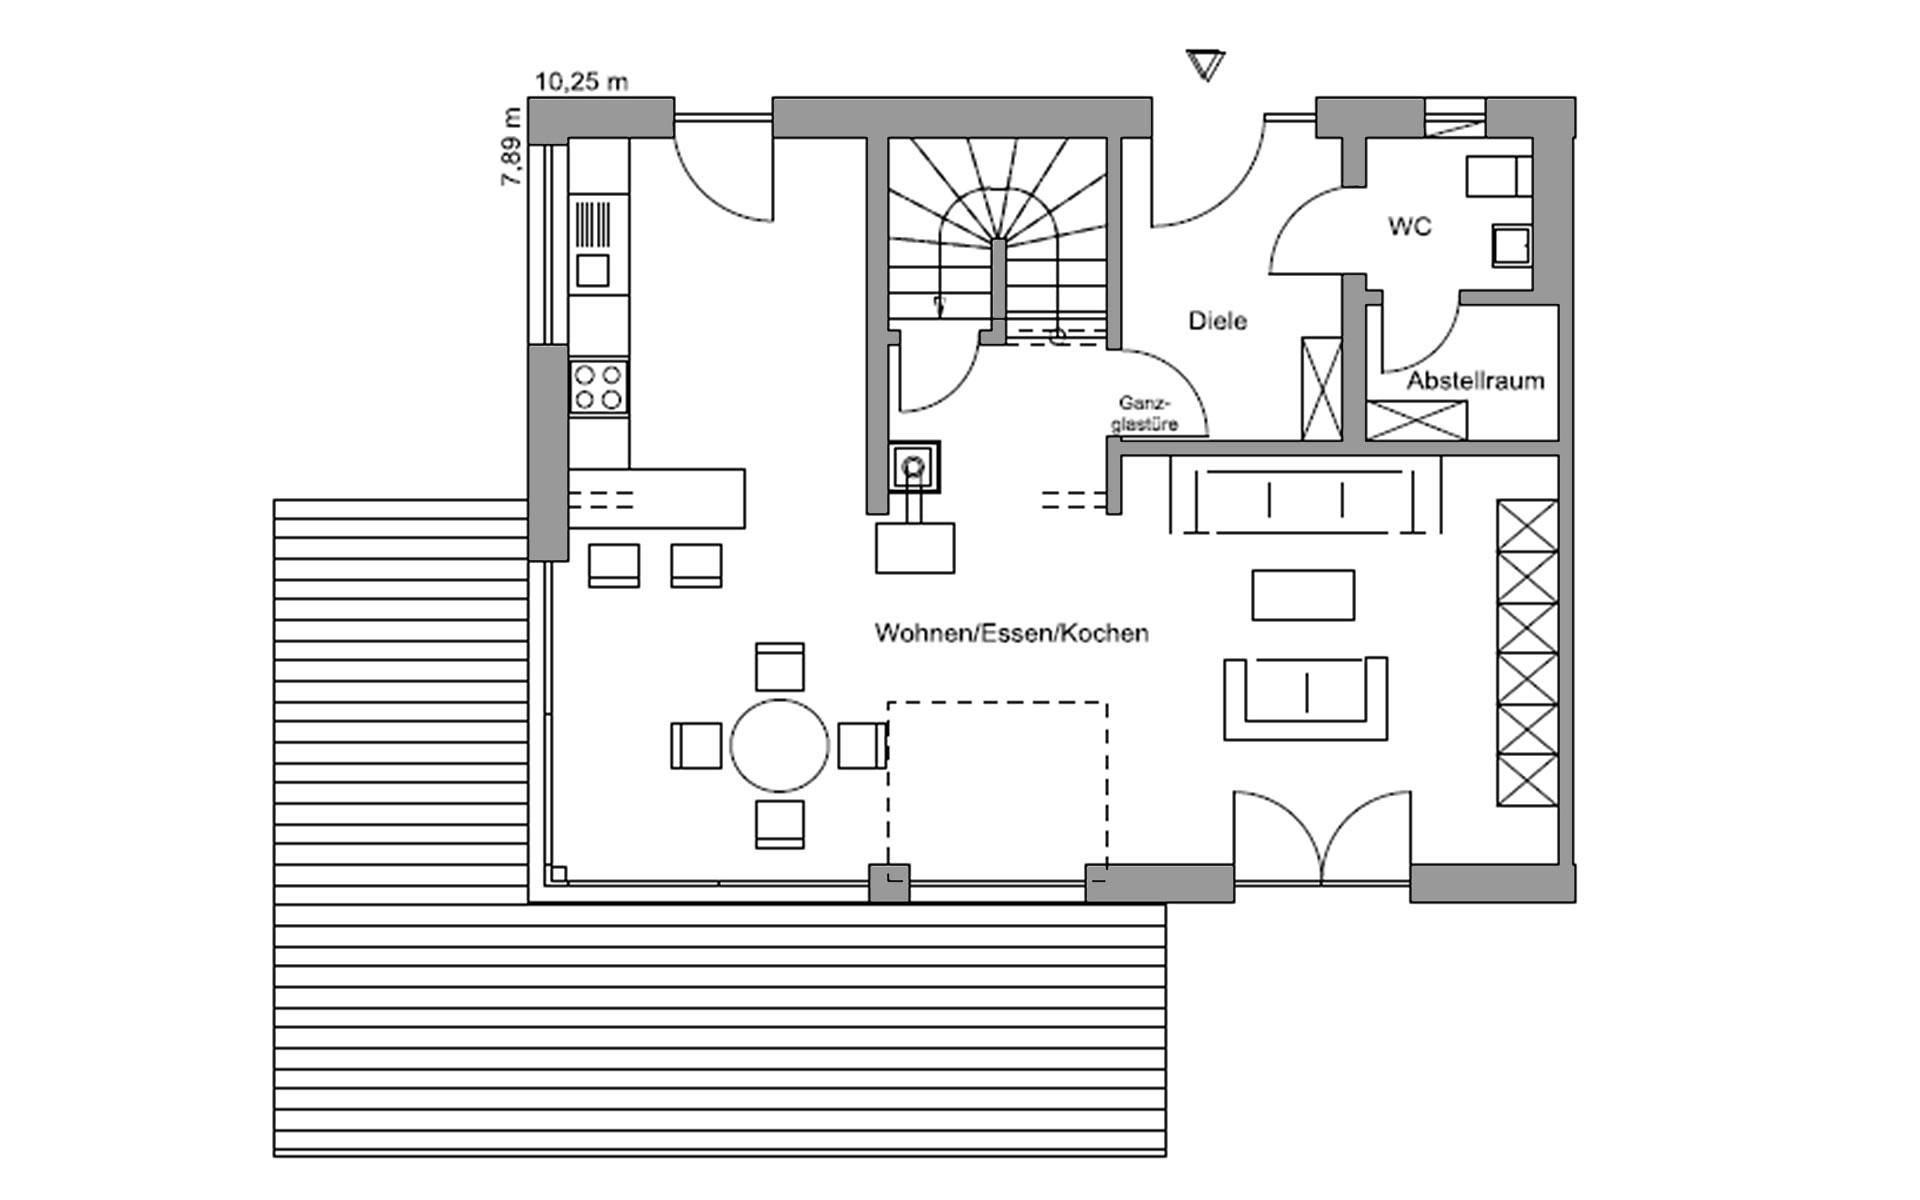 Erdgeschoss Germering von Regnauer Hausbau GmbH & Co. KG